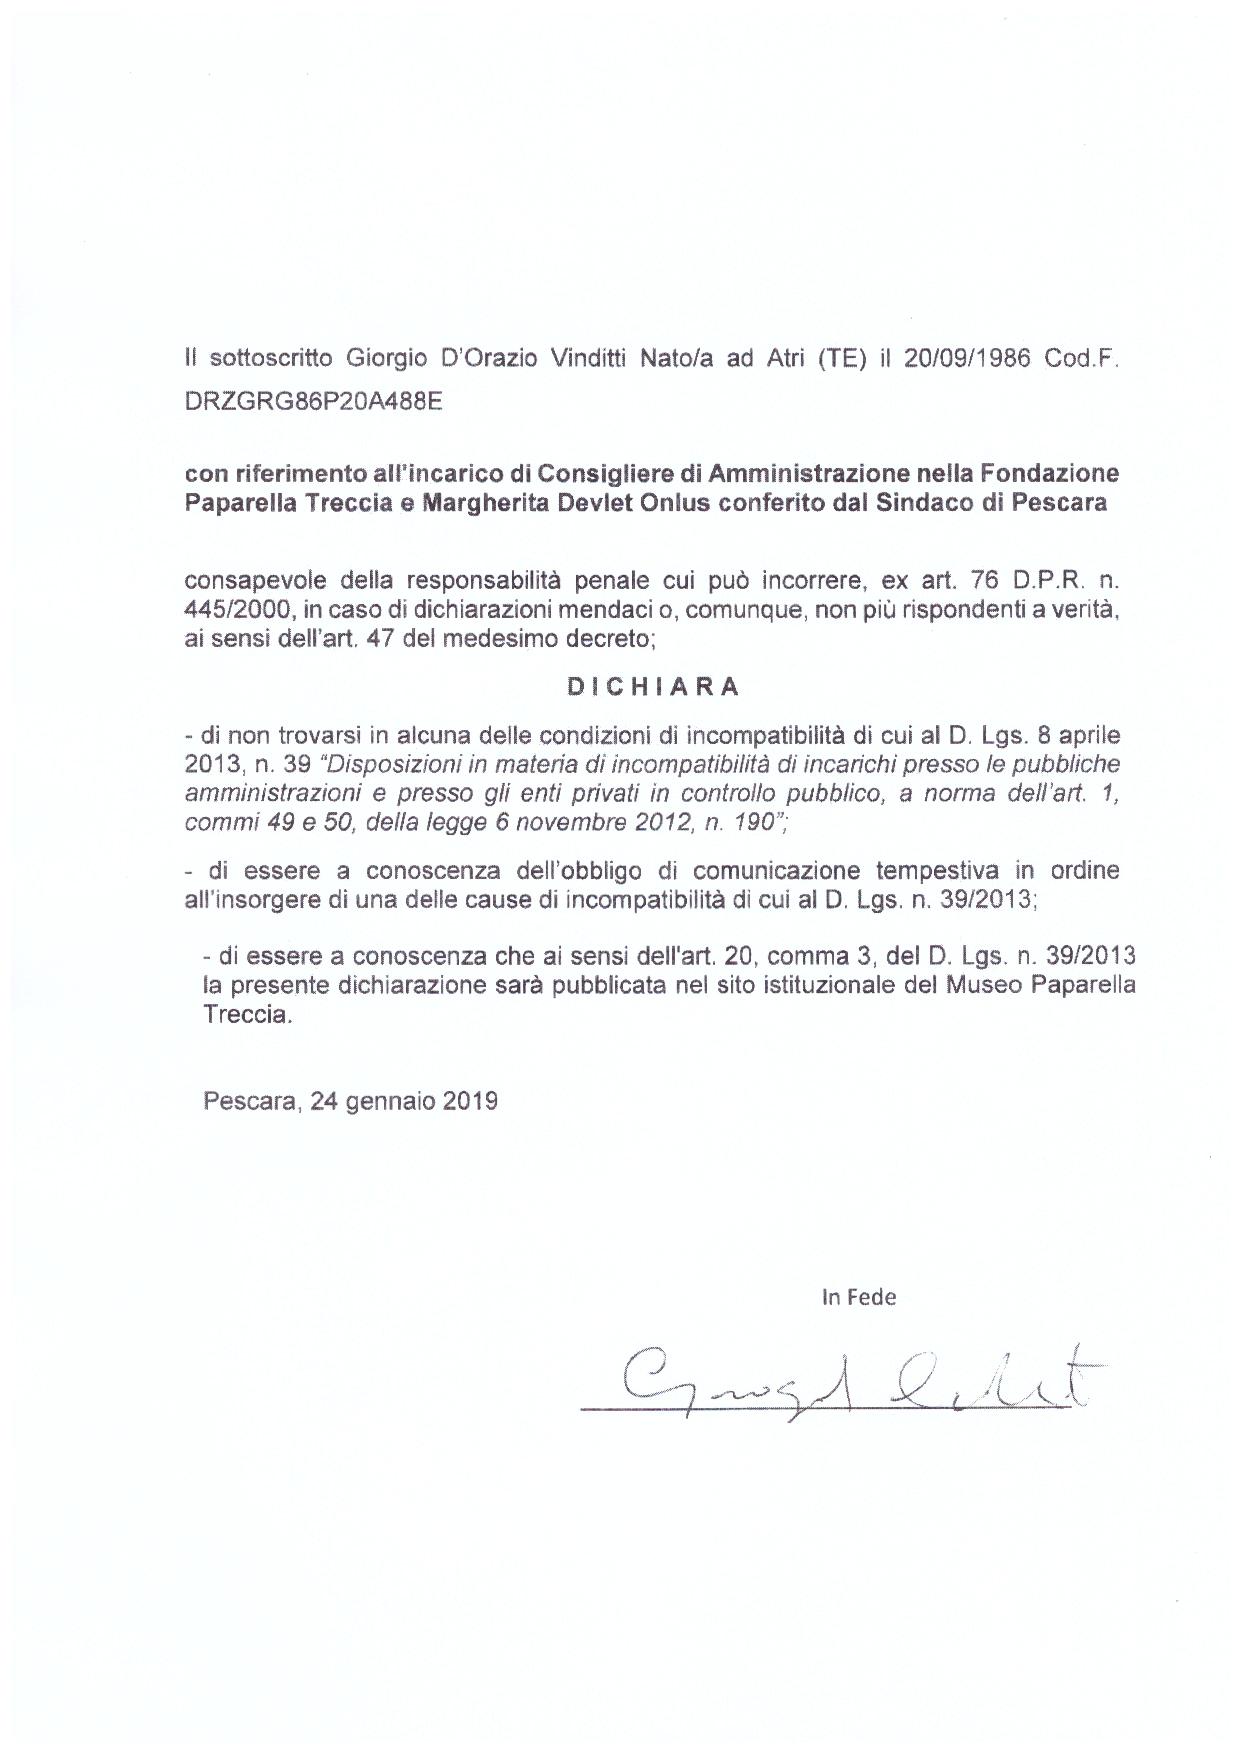 Dichiarazione D'Orazio 2019